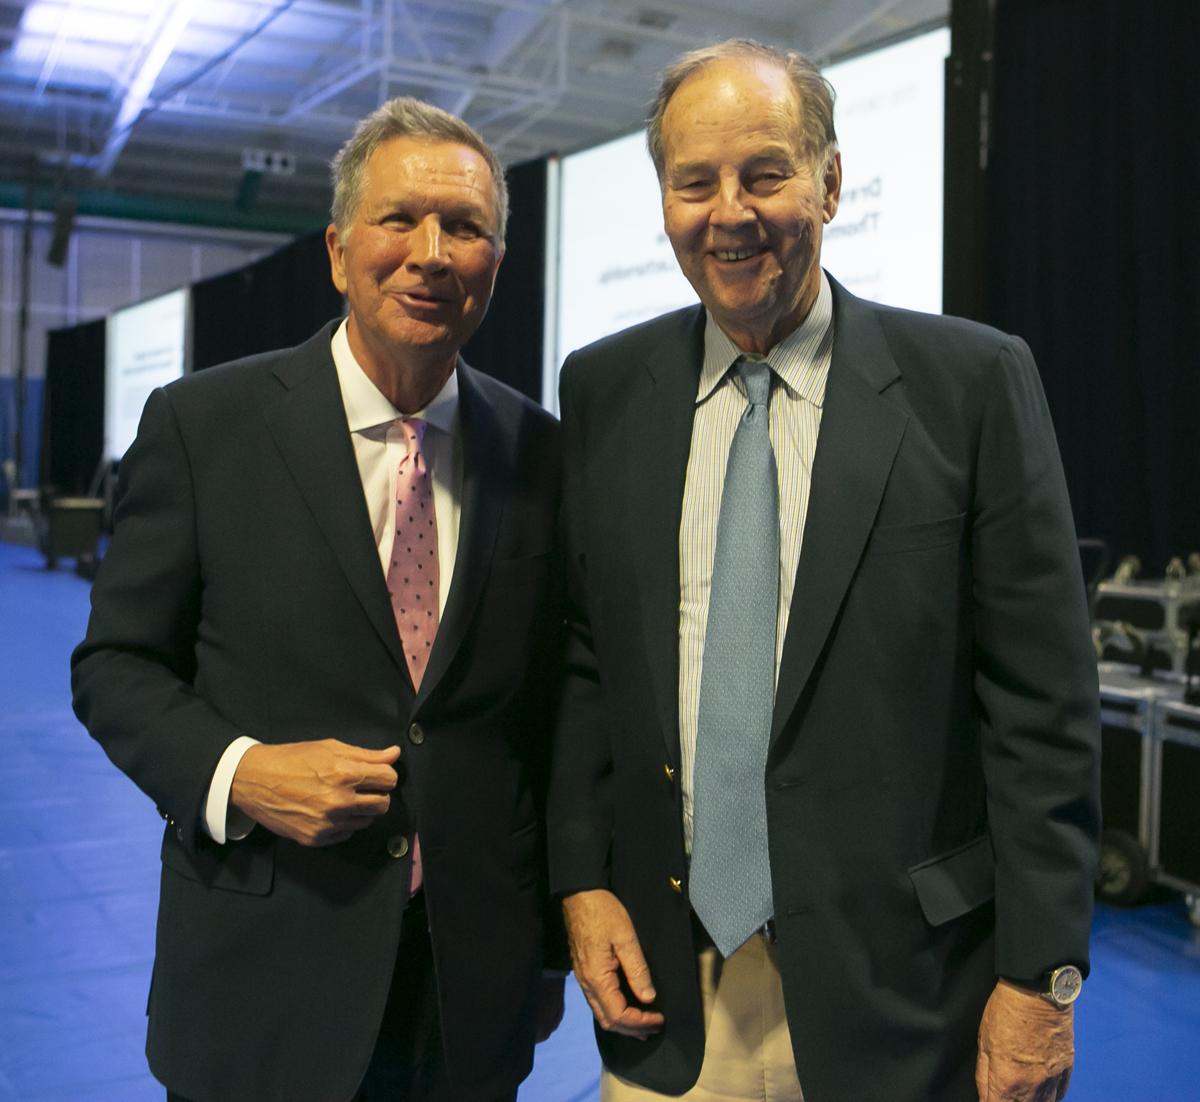 John Kasich along side former N.J. Governor and Drew President Tom Kean